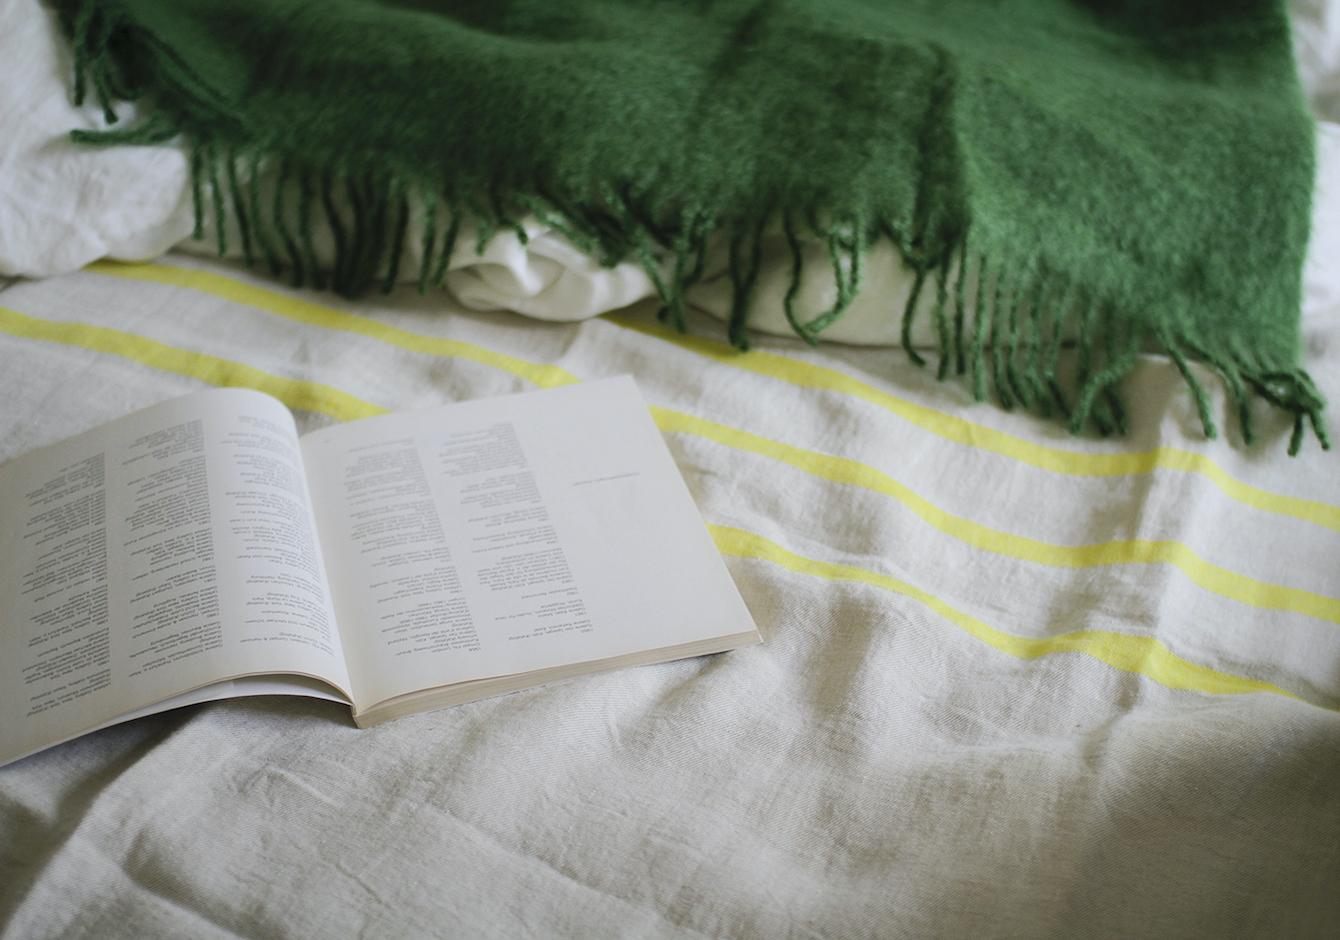 冬のベッドリネン / リネンとモヘヤのイメージ画像